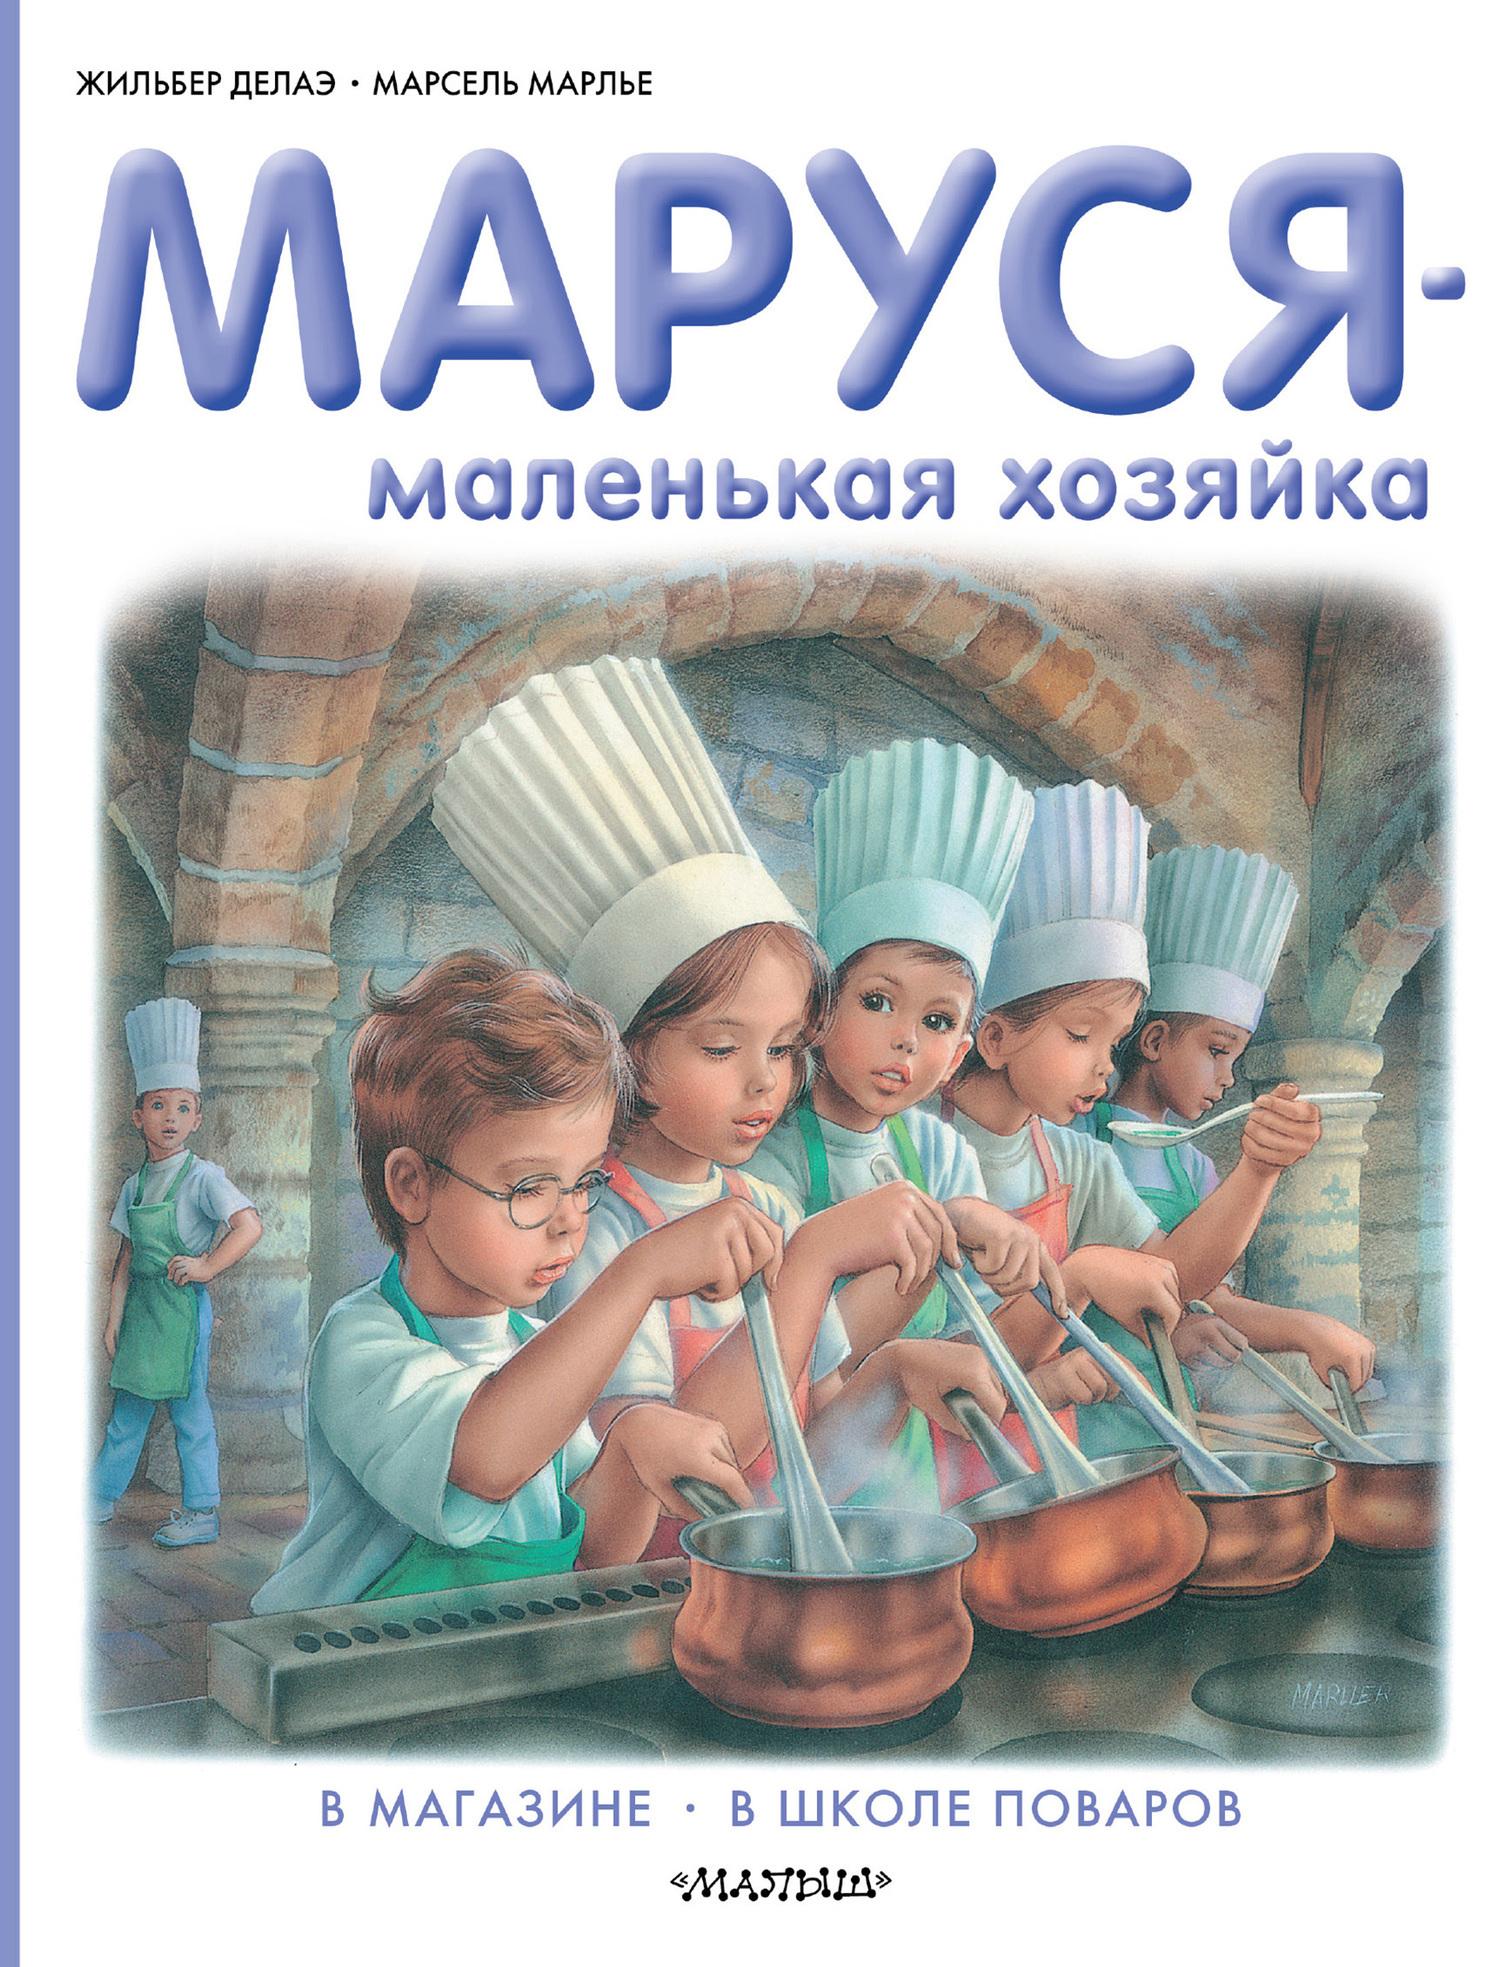 Жильбер Делаэ, Марсель Марлье - Маруся – маленькая хозяйка: В магазине. В школе поваров (сборник)